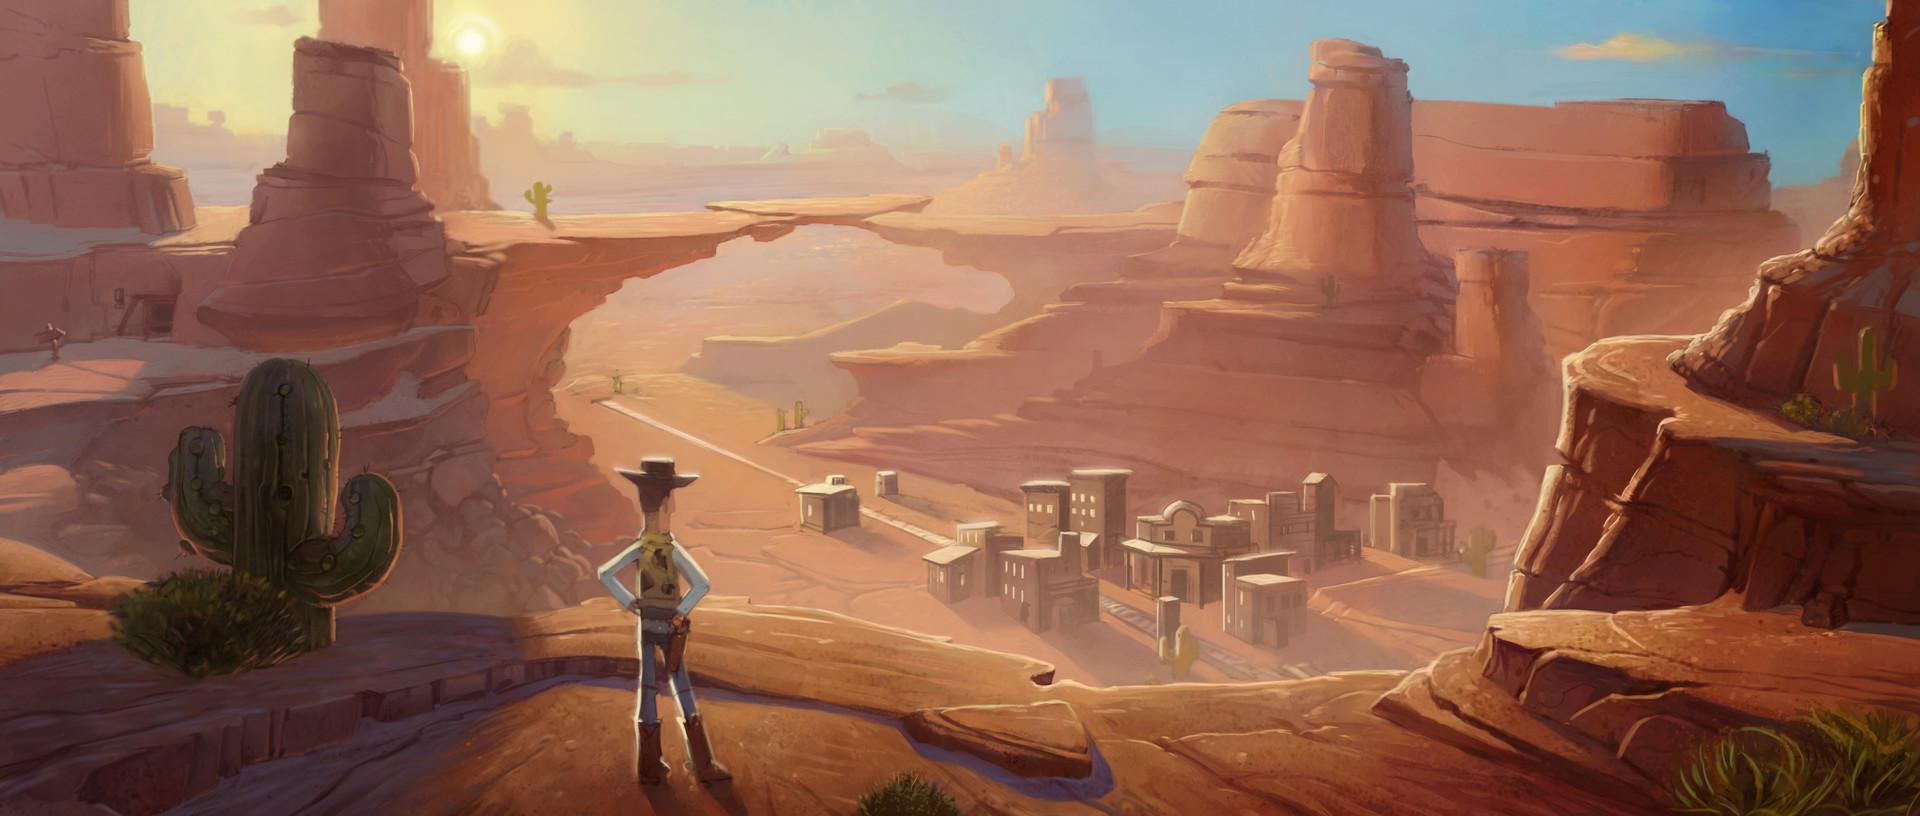 Peter sakievich western terrainps 05